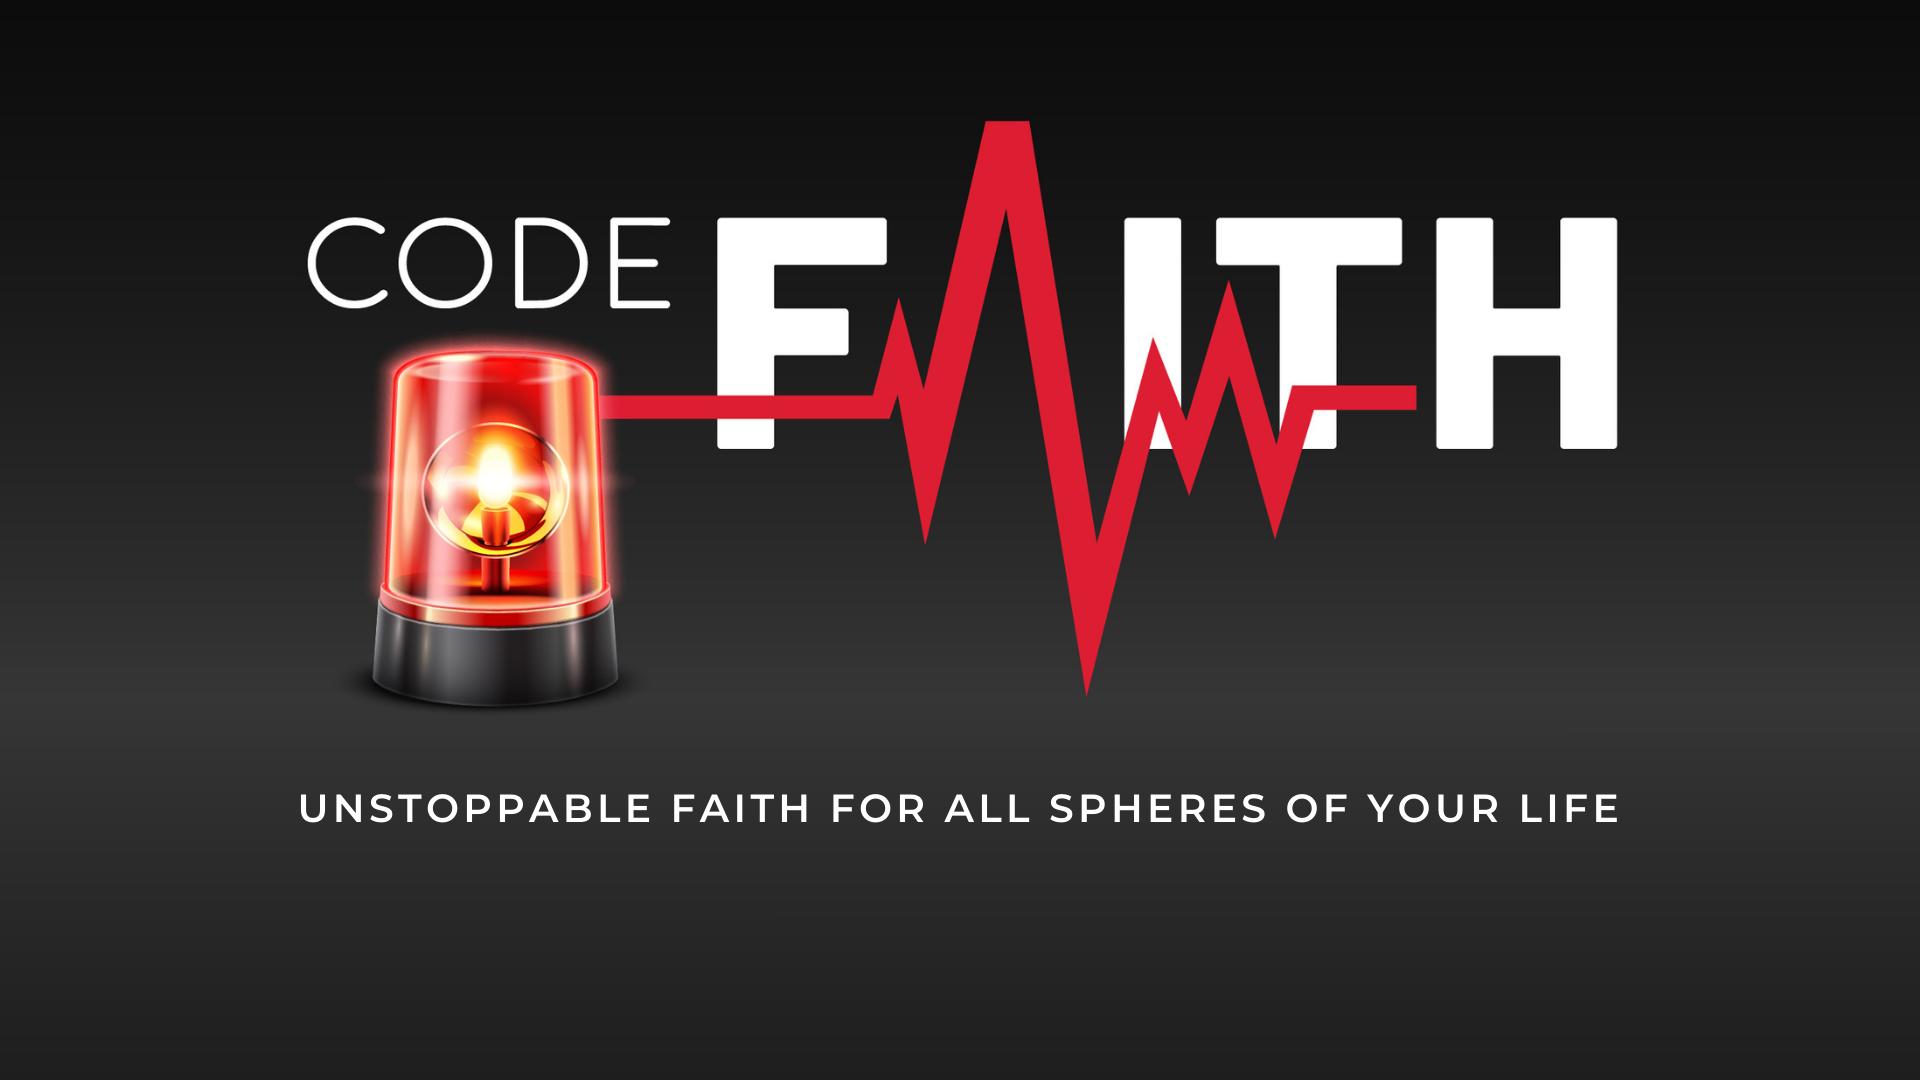 CODE FAITH